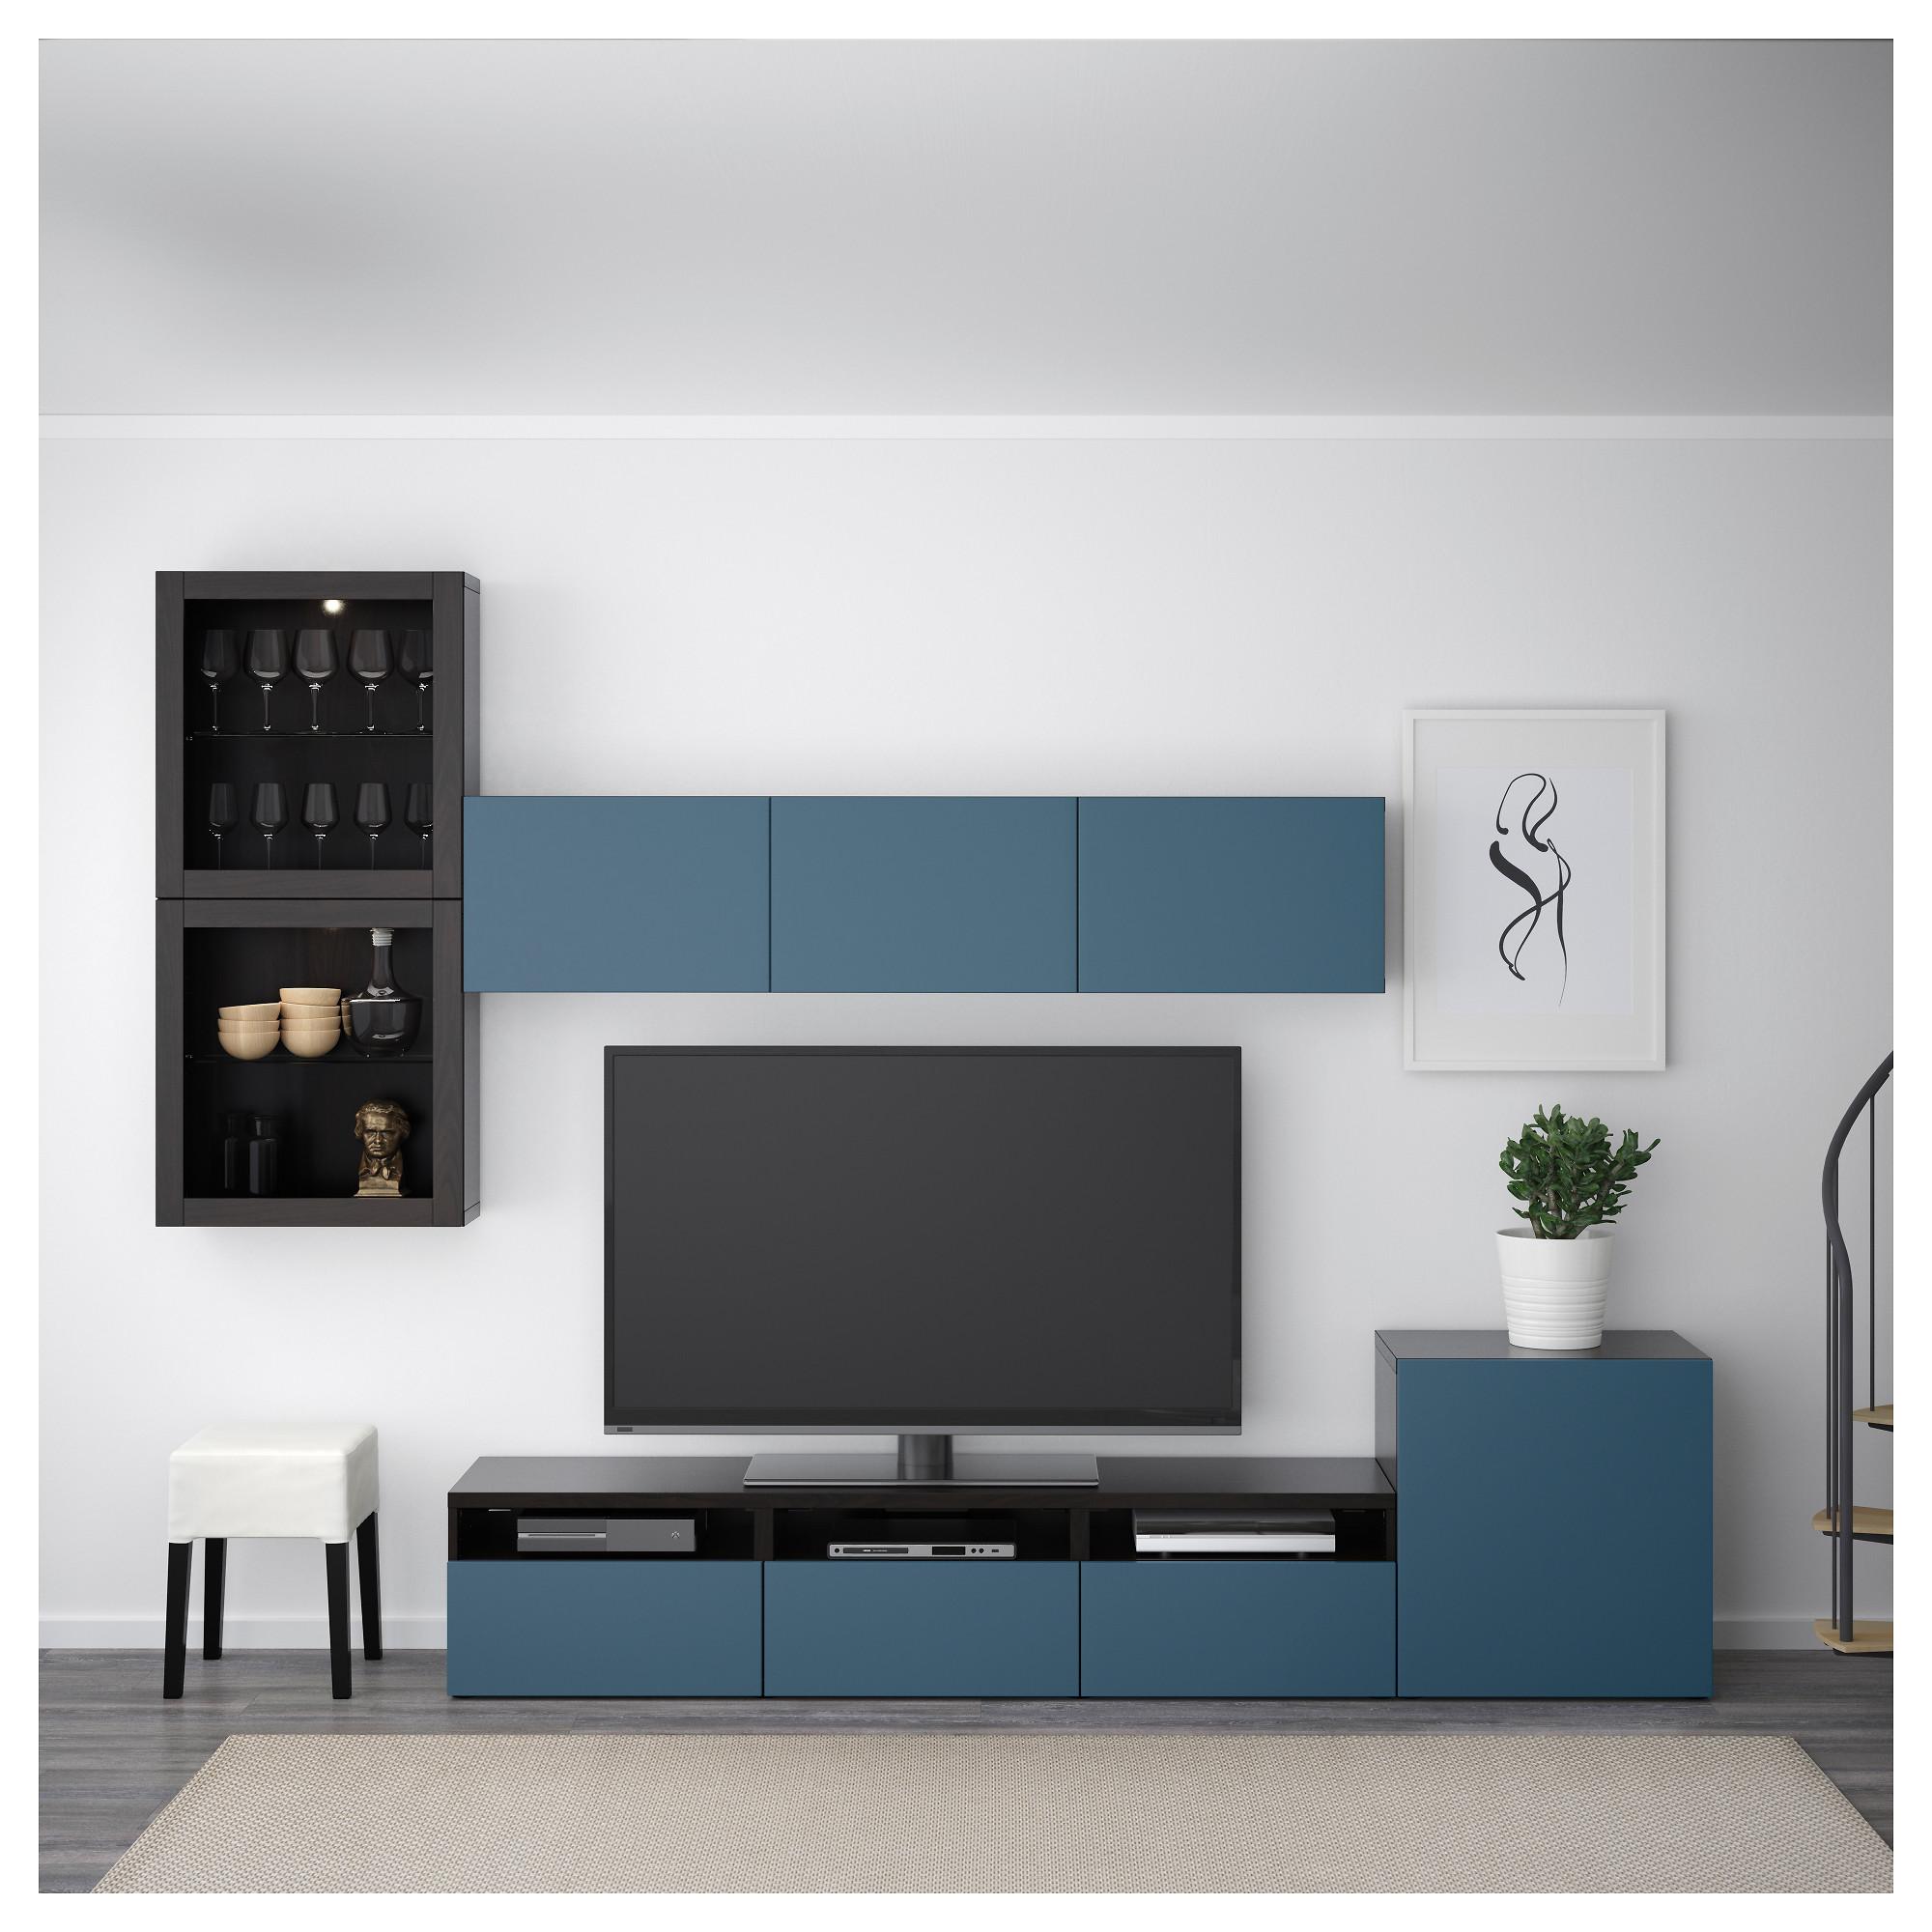 Шкаф для ТВ, комбинированный, стекляные дверцы БЕСТО артикуль № 292.522.19 в наличии. Интернет каталог IKEA Беларусь. Недорогая доставка и установка.